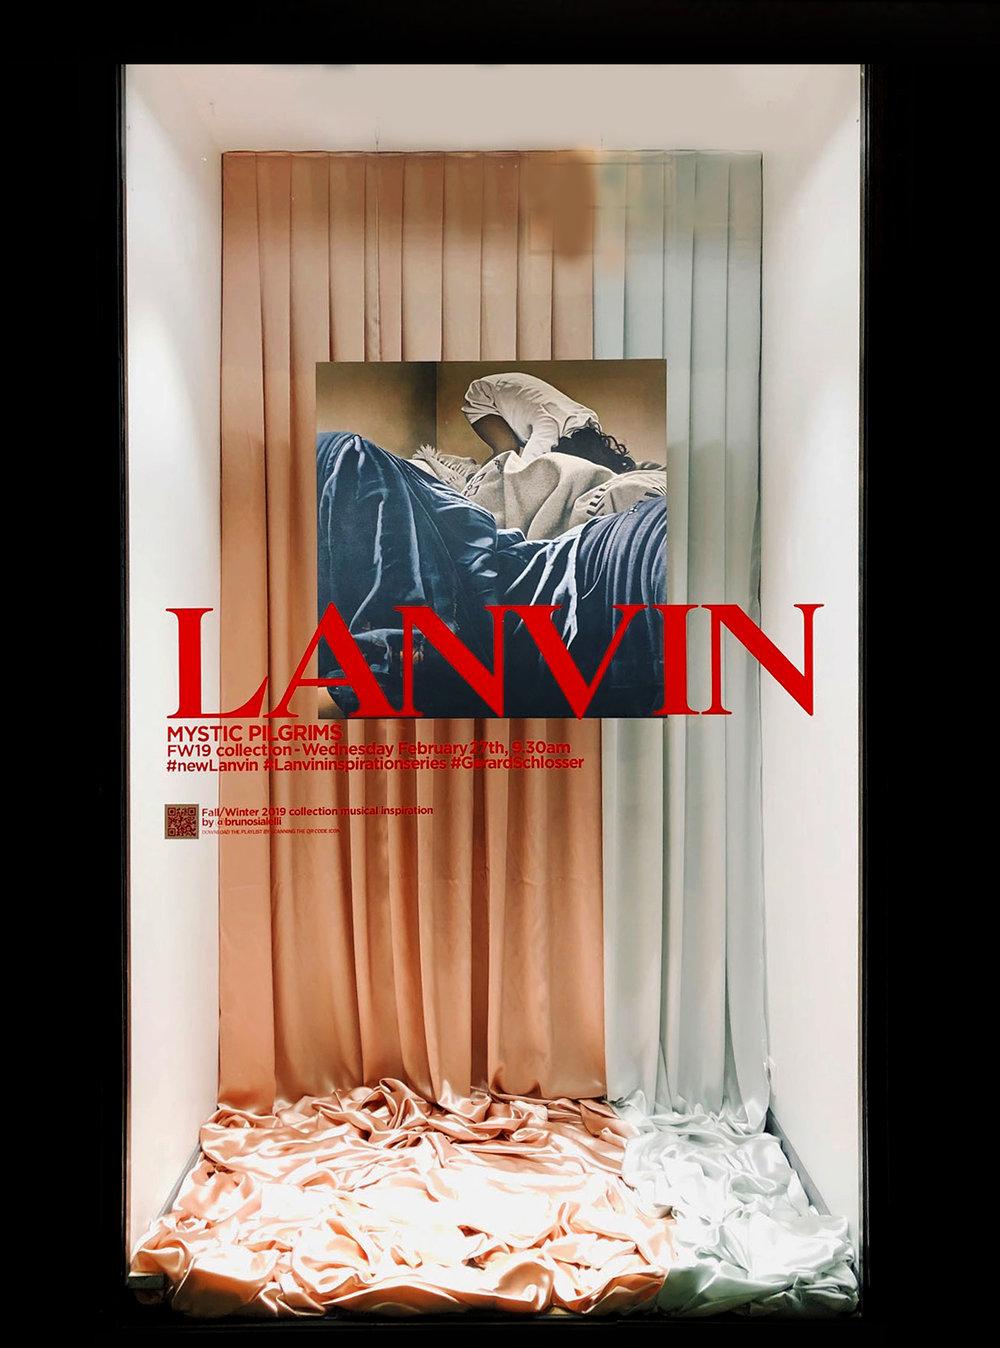 present-gallerie_lanvin1.jpg